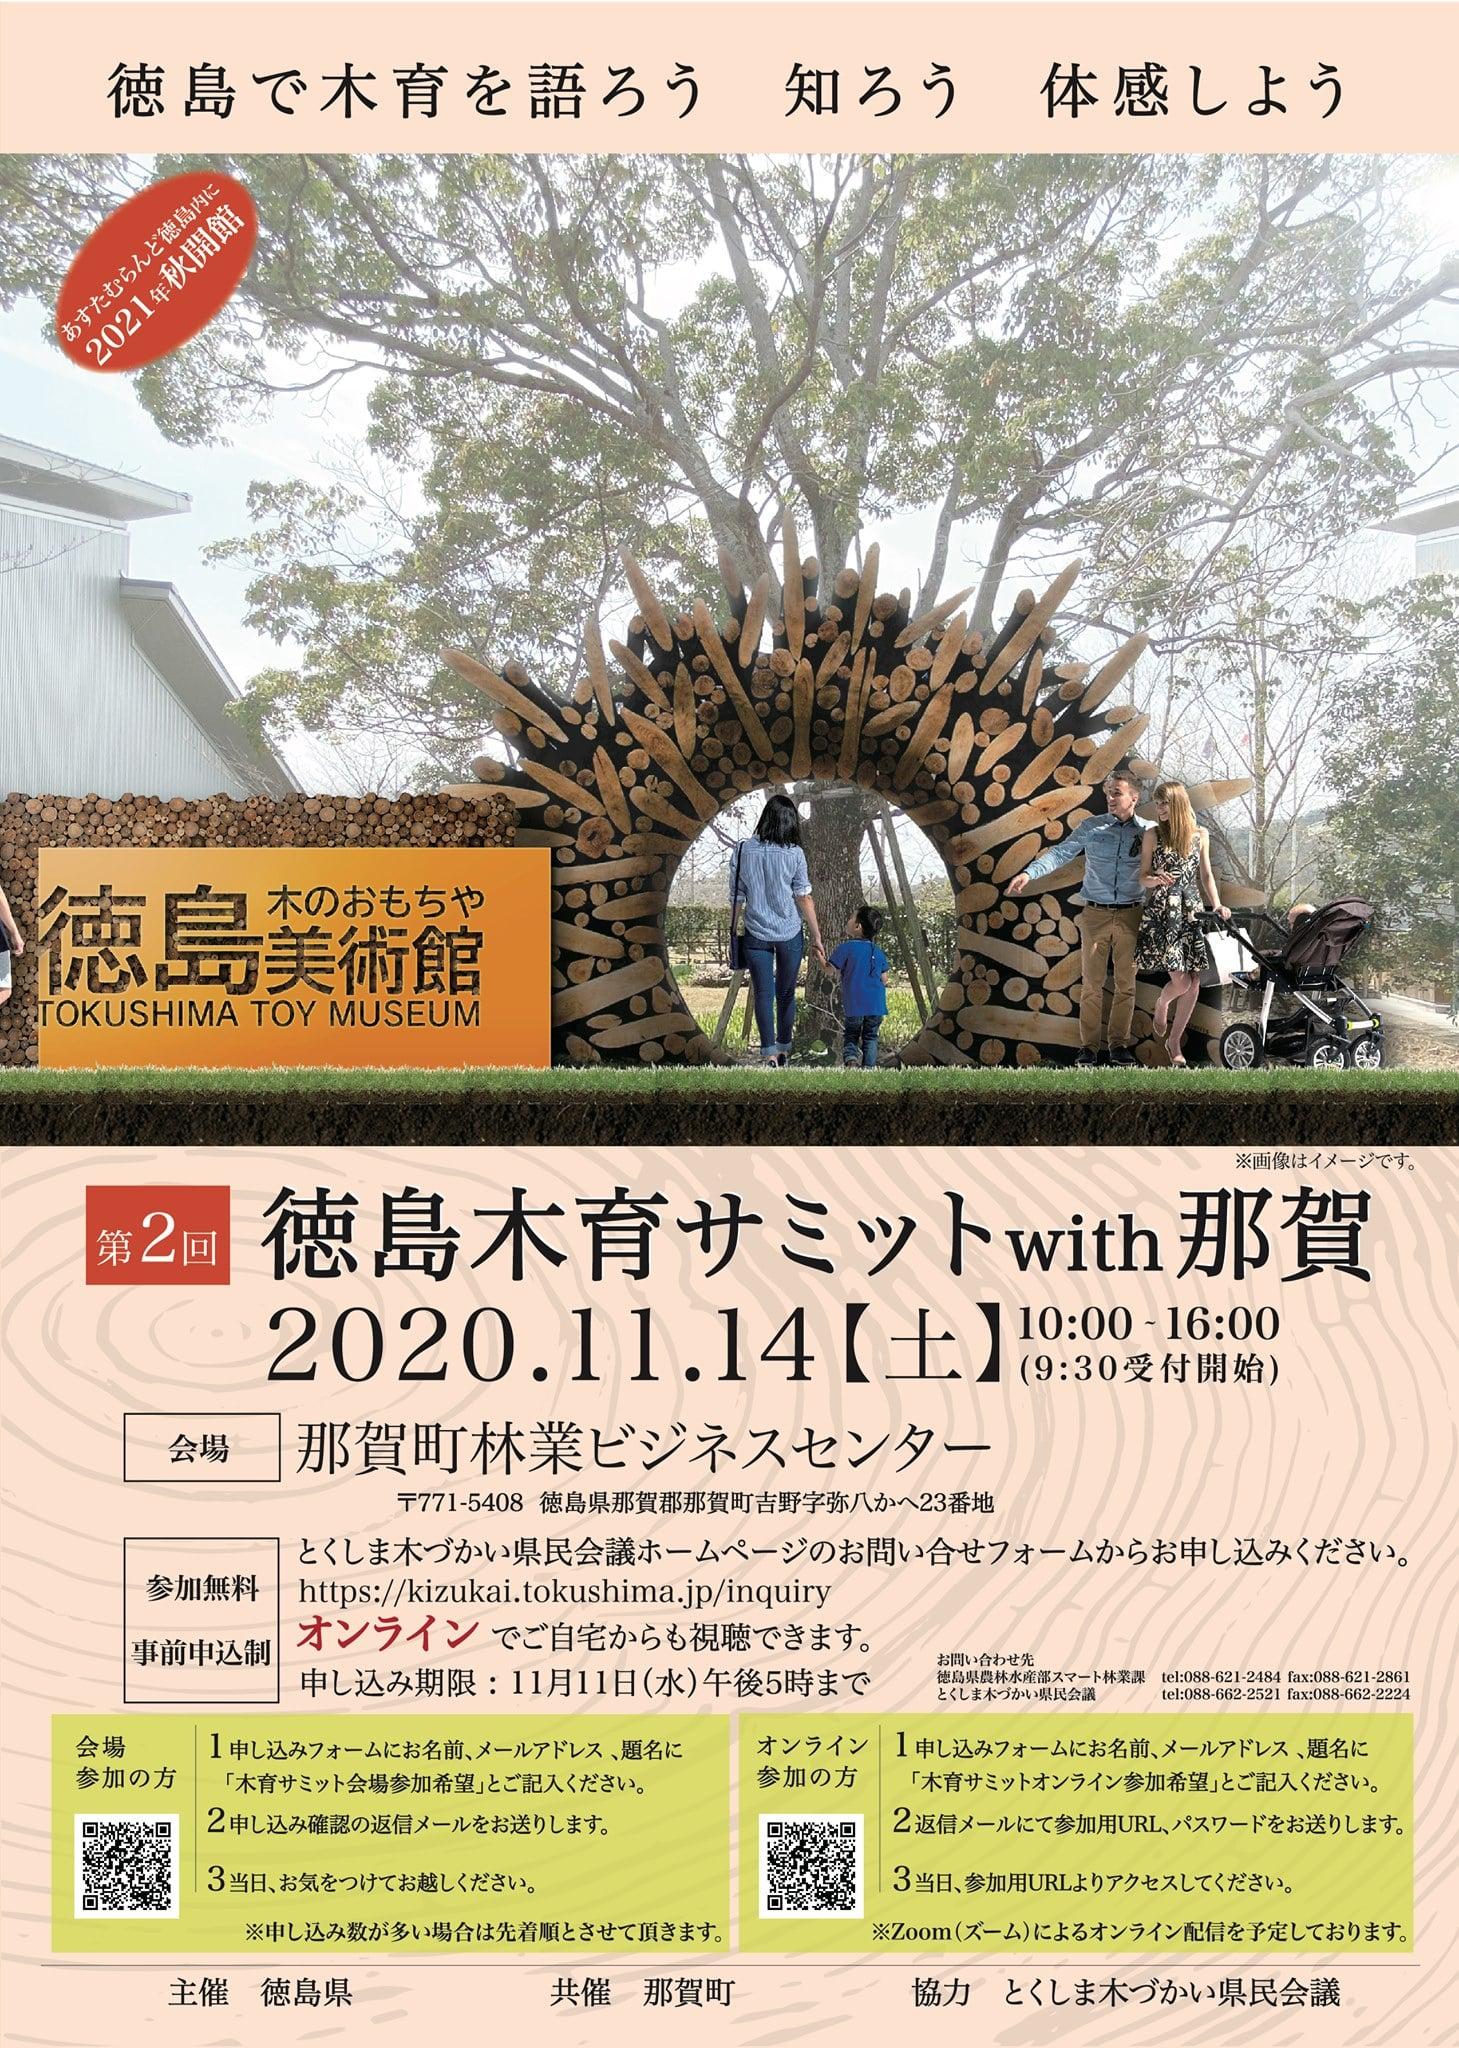 2020.11.14 徳島木育サミットwith那賀